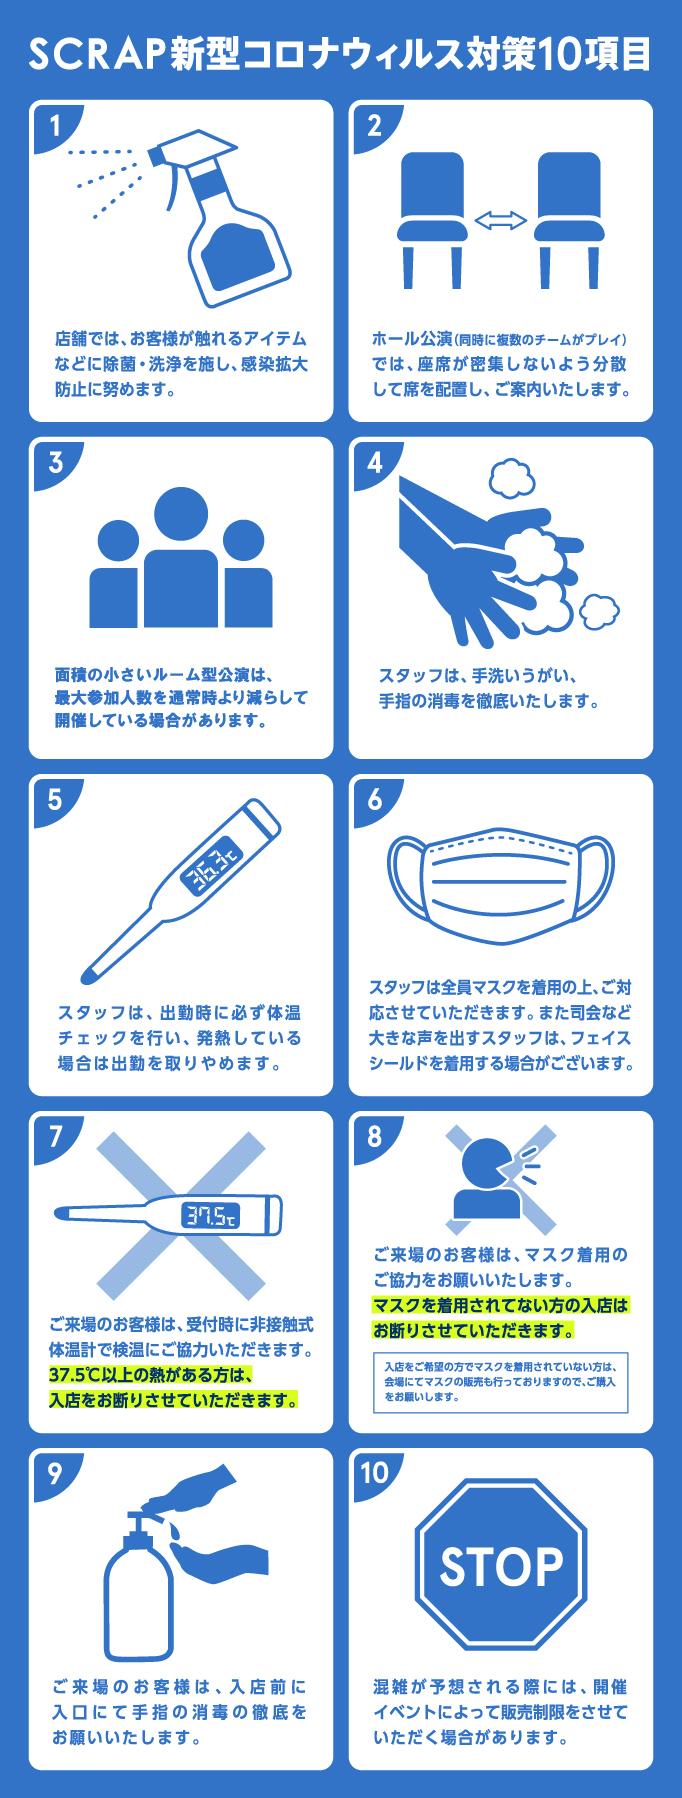 新コロナ10項目.jpg